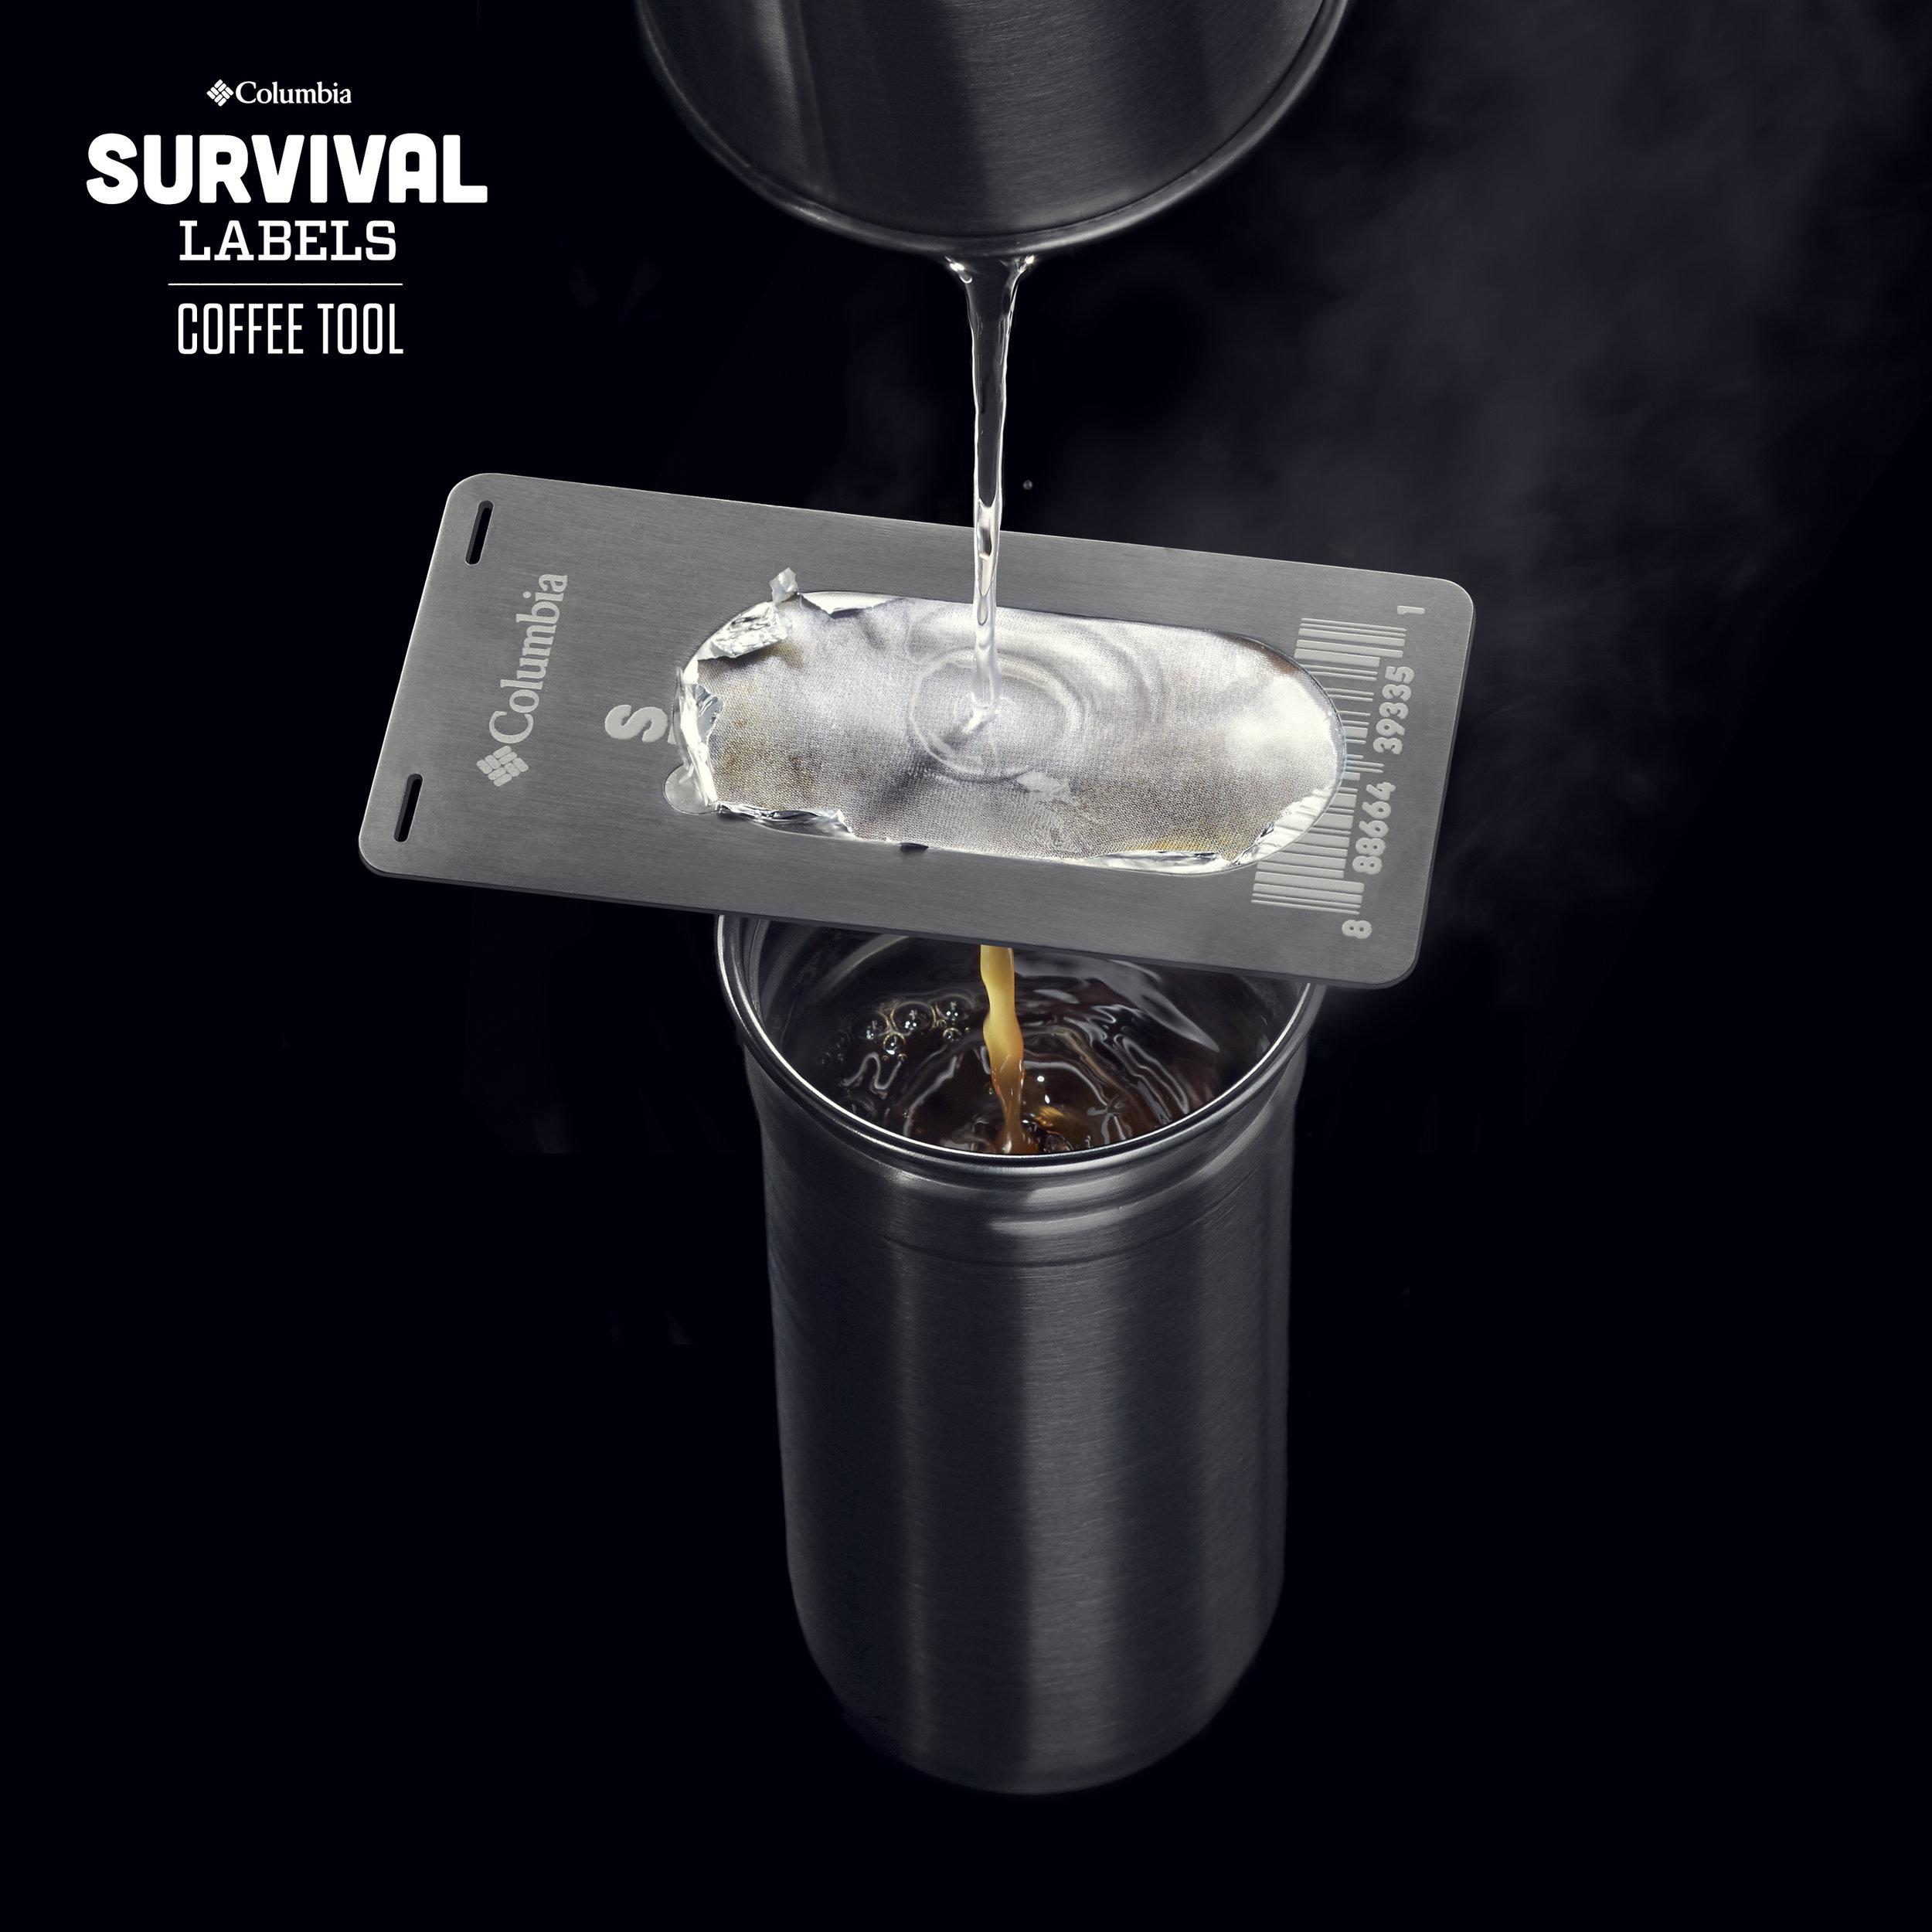 SURVIVALLABELS_TOOLS_COFFEE.jpg